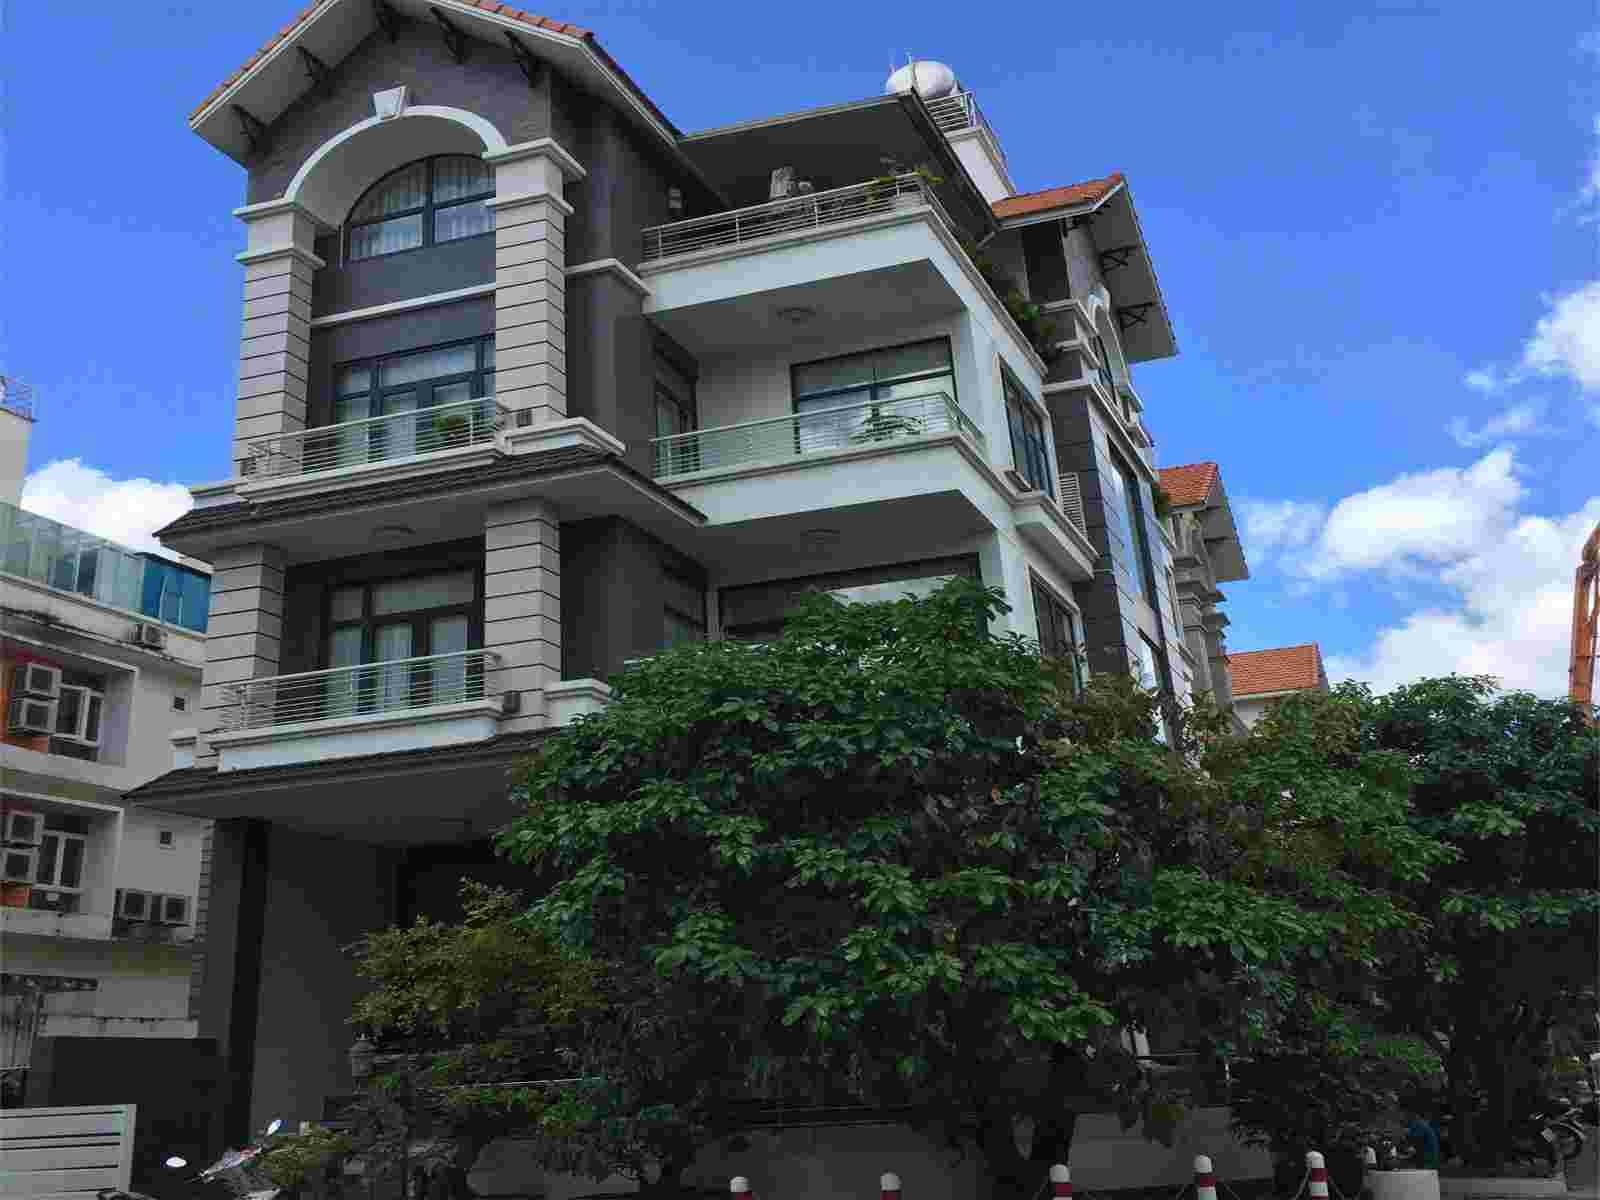 Bán đất khu Him Lam Kênh Tẻ đường Nguyễn Thập 100m2, giá từ 190 triệu/m2 đến 280 triệu/m2, tùy theo diện tích và vị trí. LH: 0913.050.053  Mr Huynh.hiện đang có nền L7 và K26. Lh: 0913.050.053